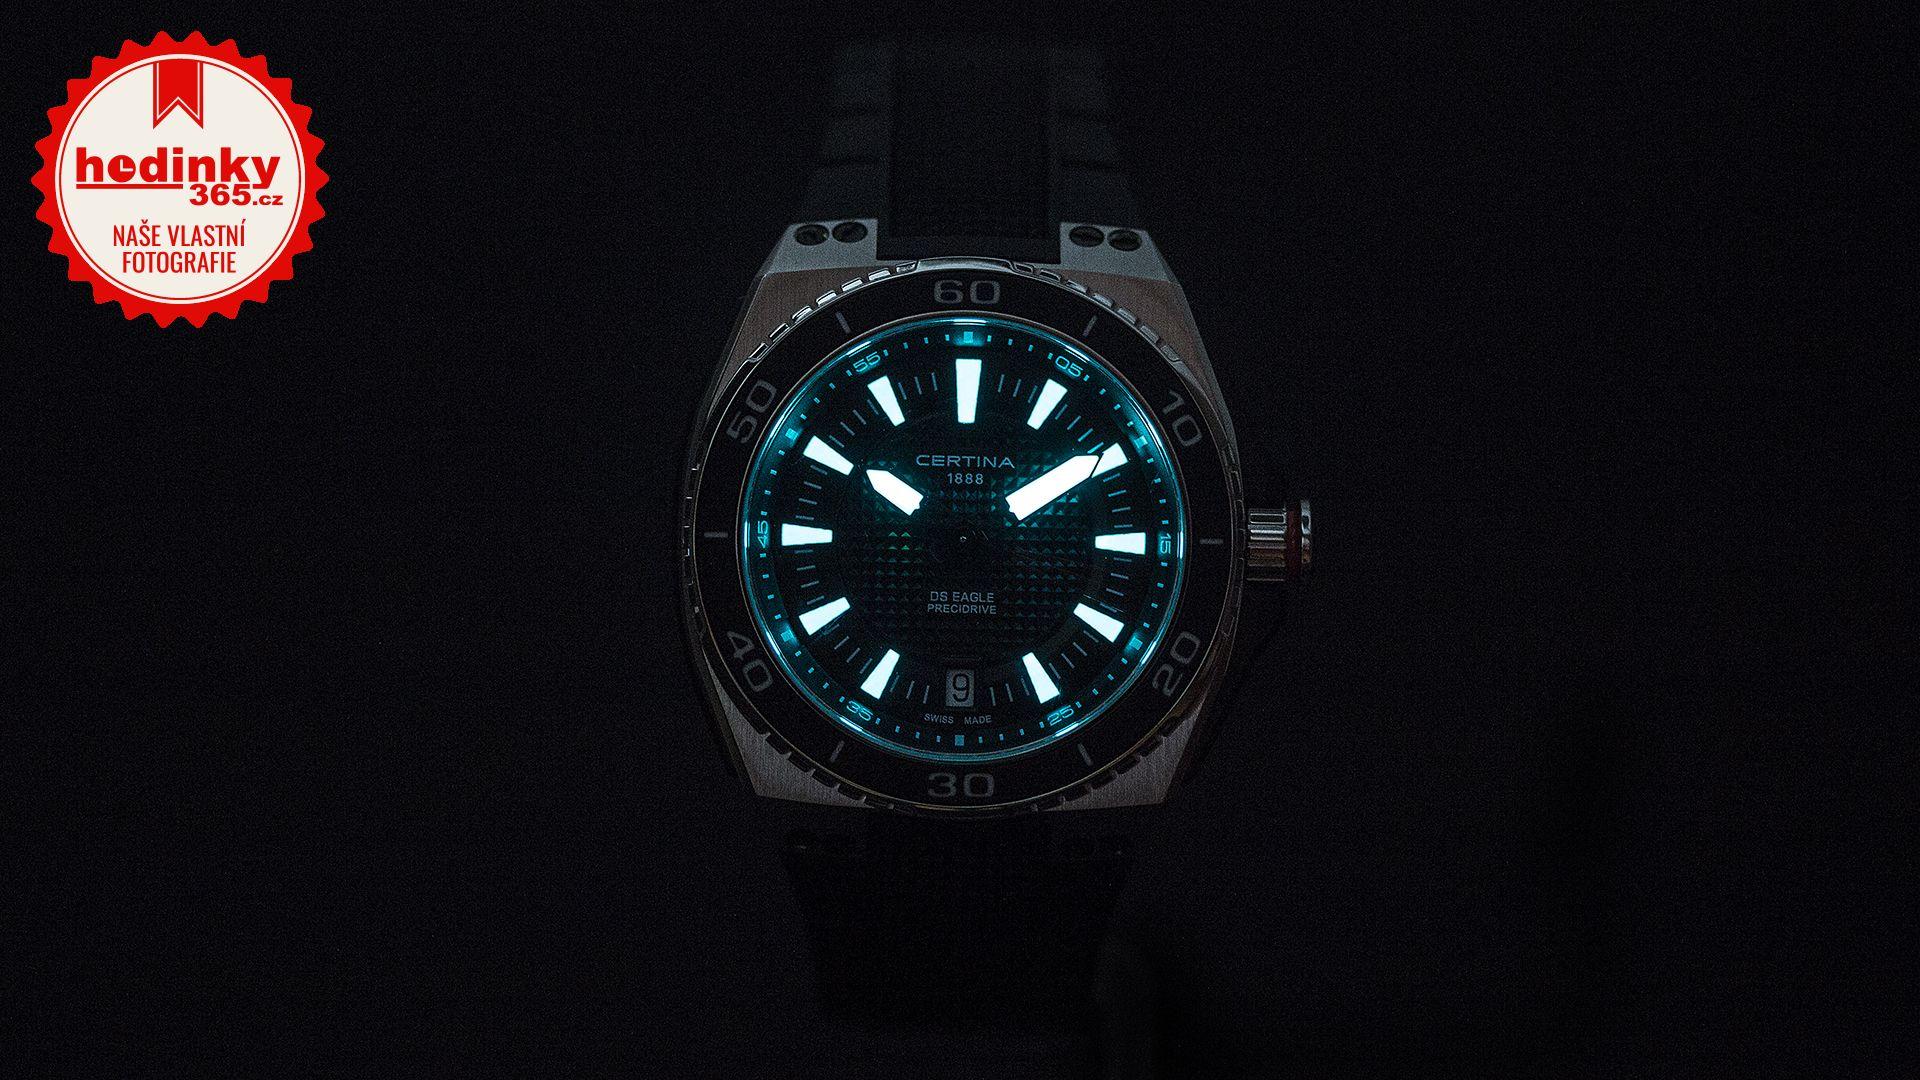 2123829d8 Certina DS Eagle Quartz C023.710.27.051.00. Pánské hodinky - plastový  řemínek, ocel pouzdro, safírové sklíčko. Veškeré technické parametry  naleznete níže